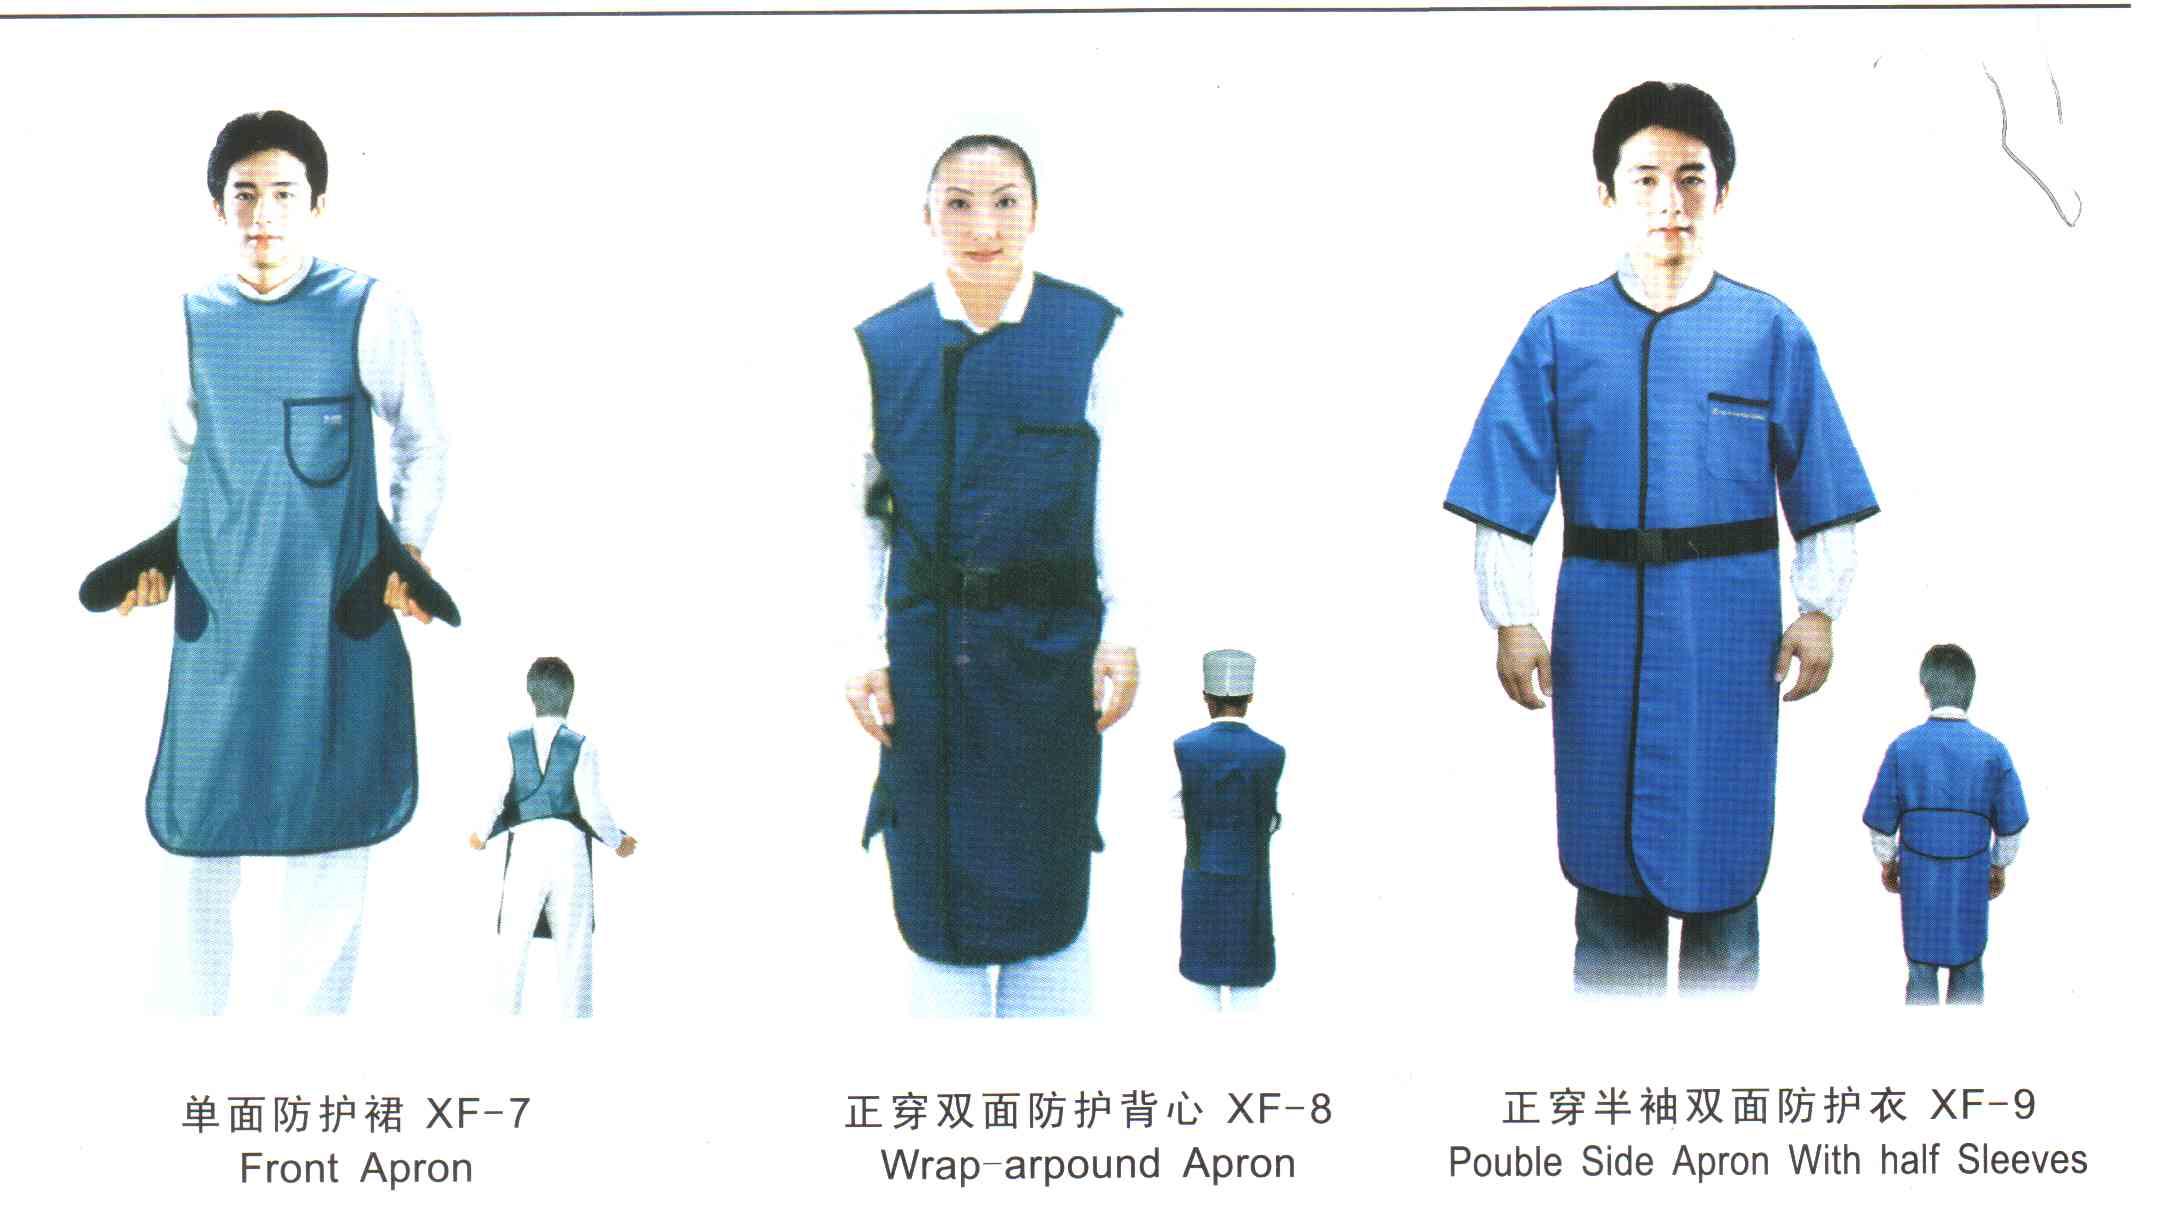 供应x射线防护屏,x射线防护背心,防护服13465620356